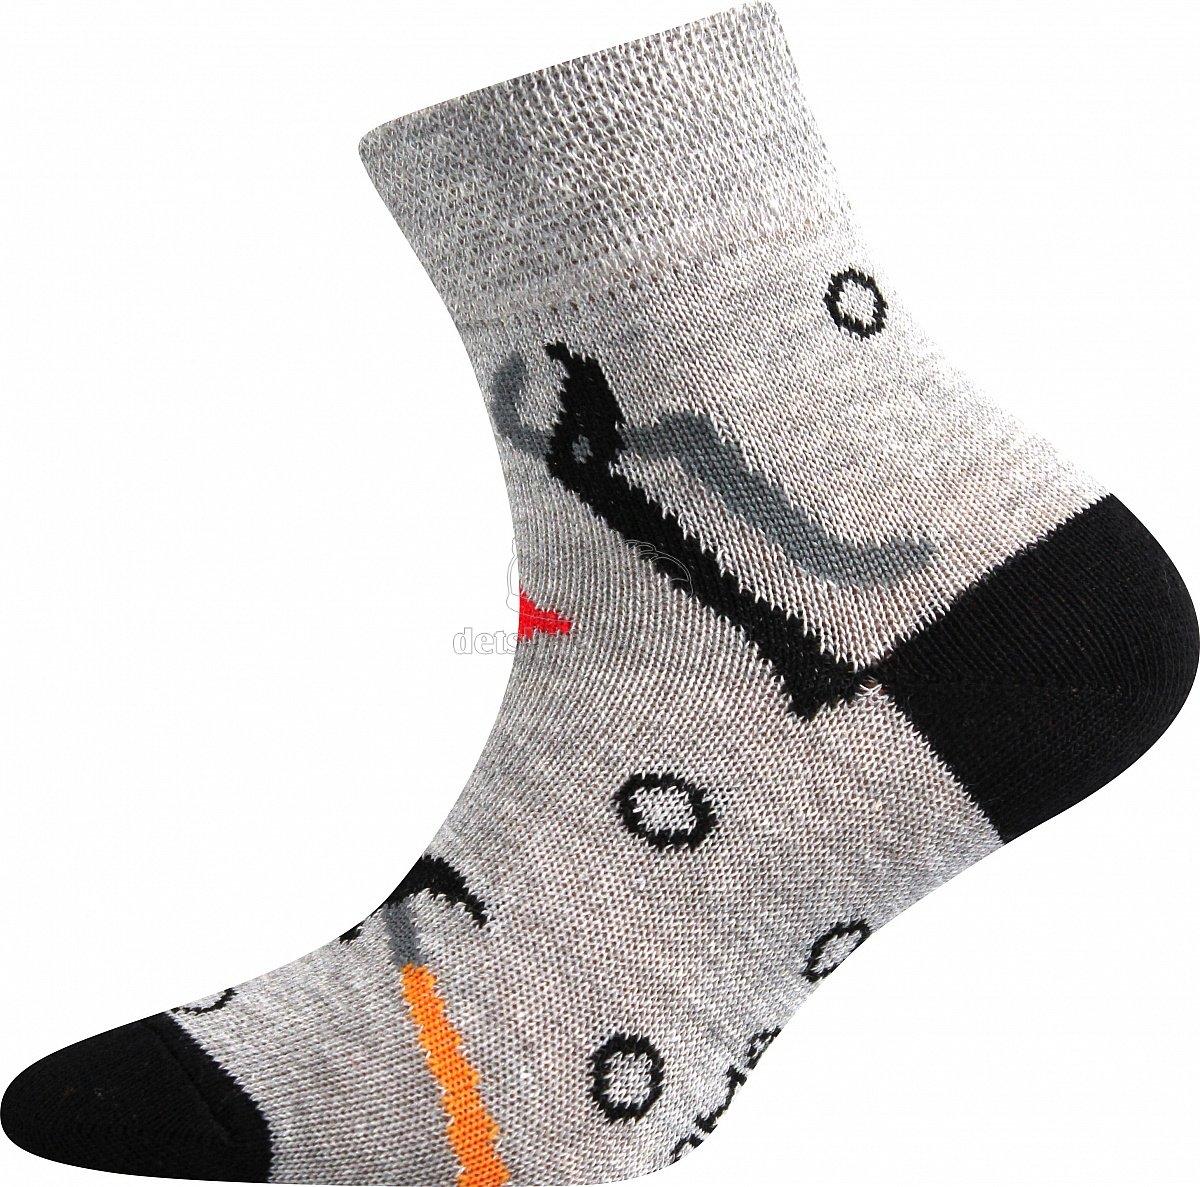 Detské ponožky Boma 057-21-43 náradie